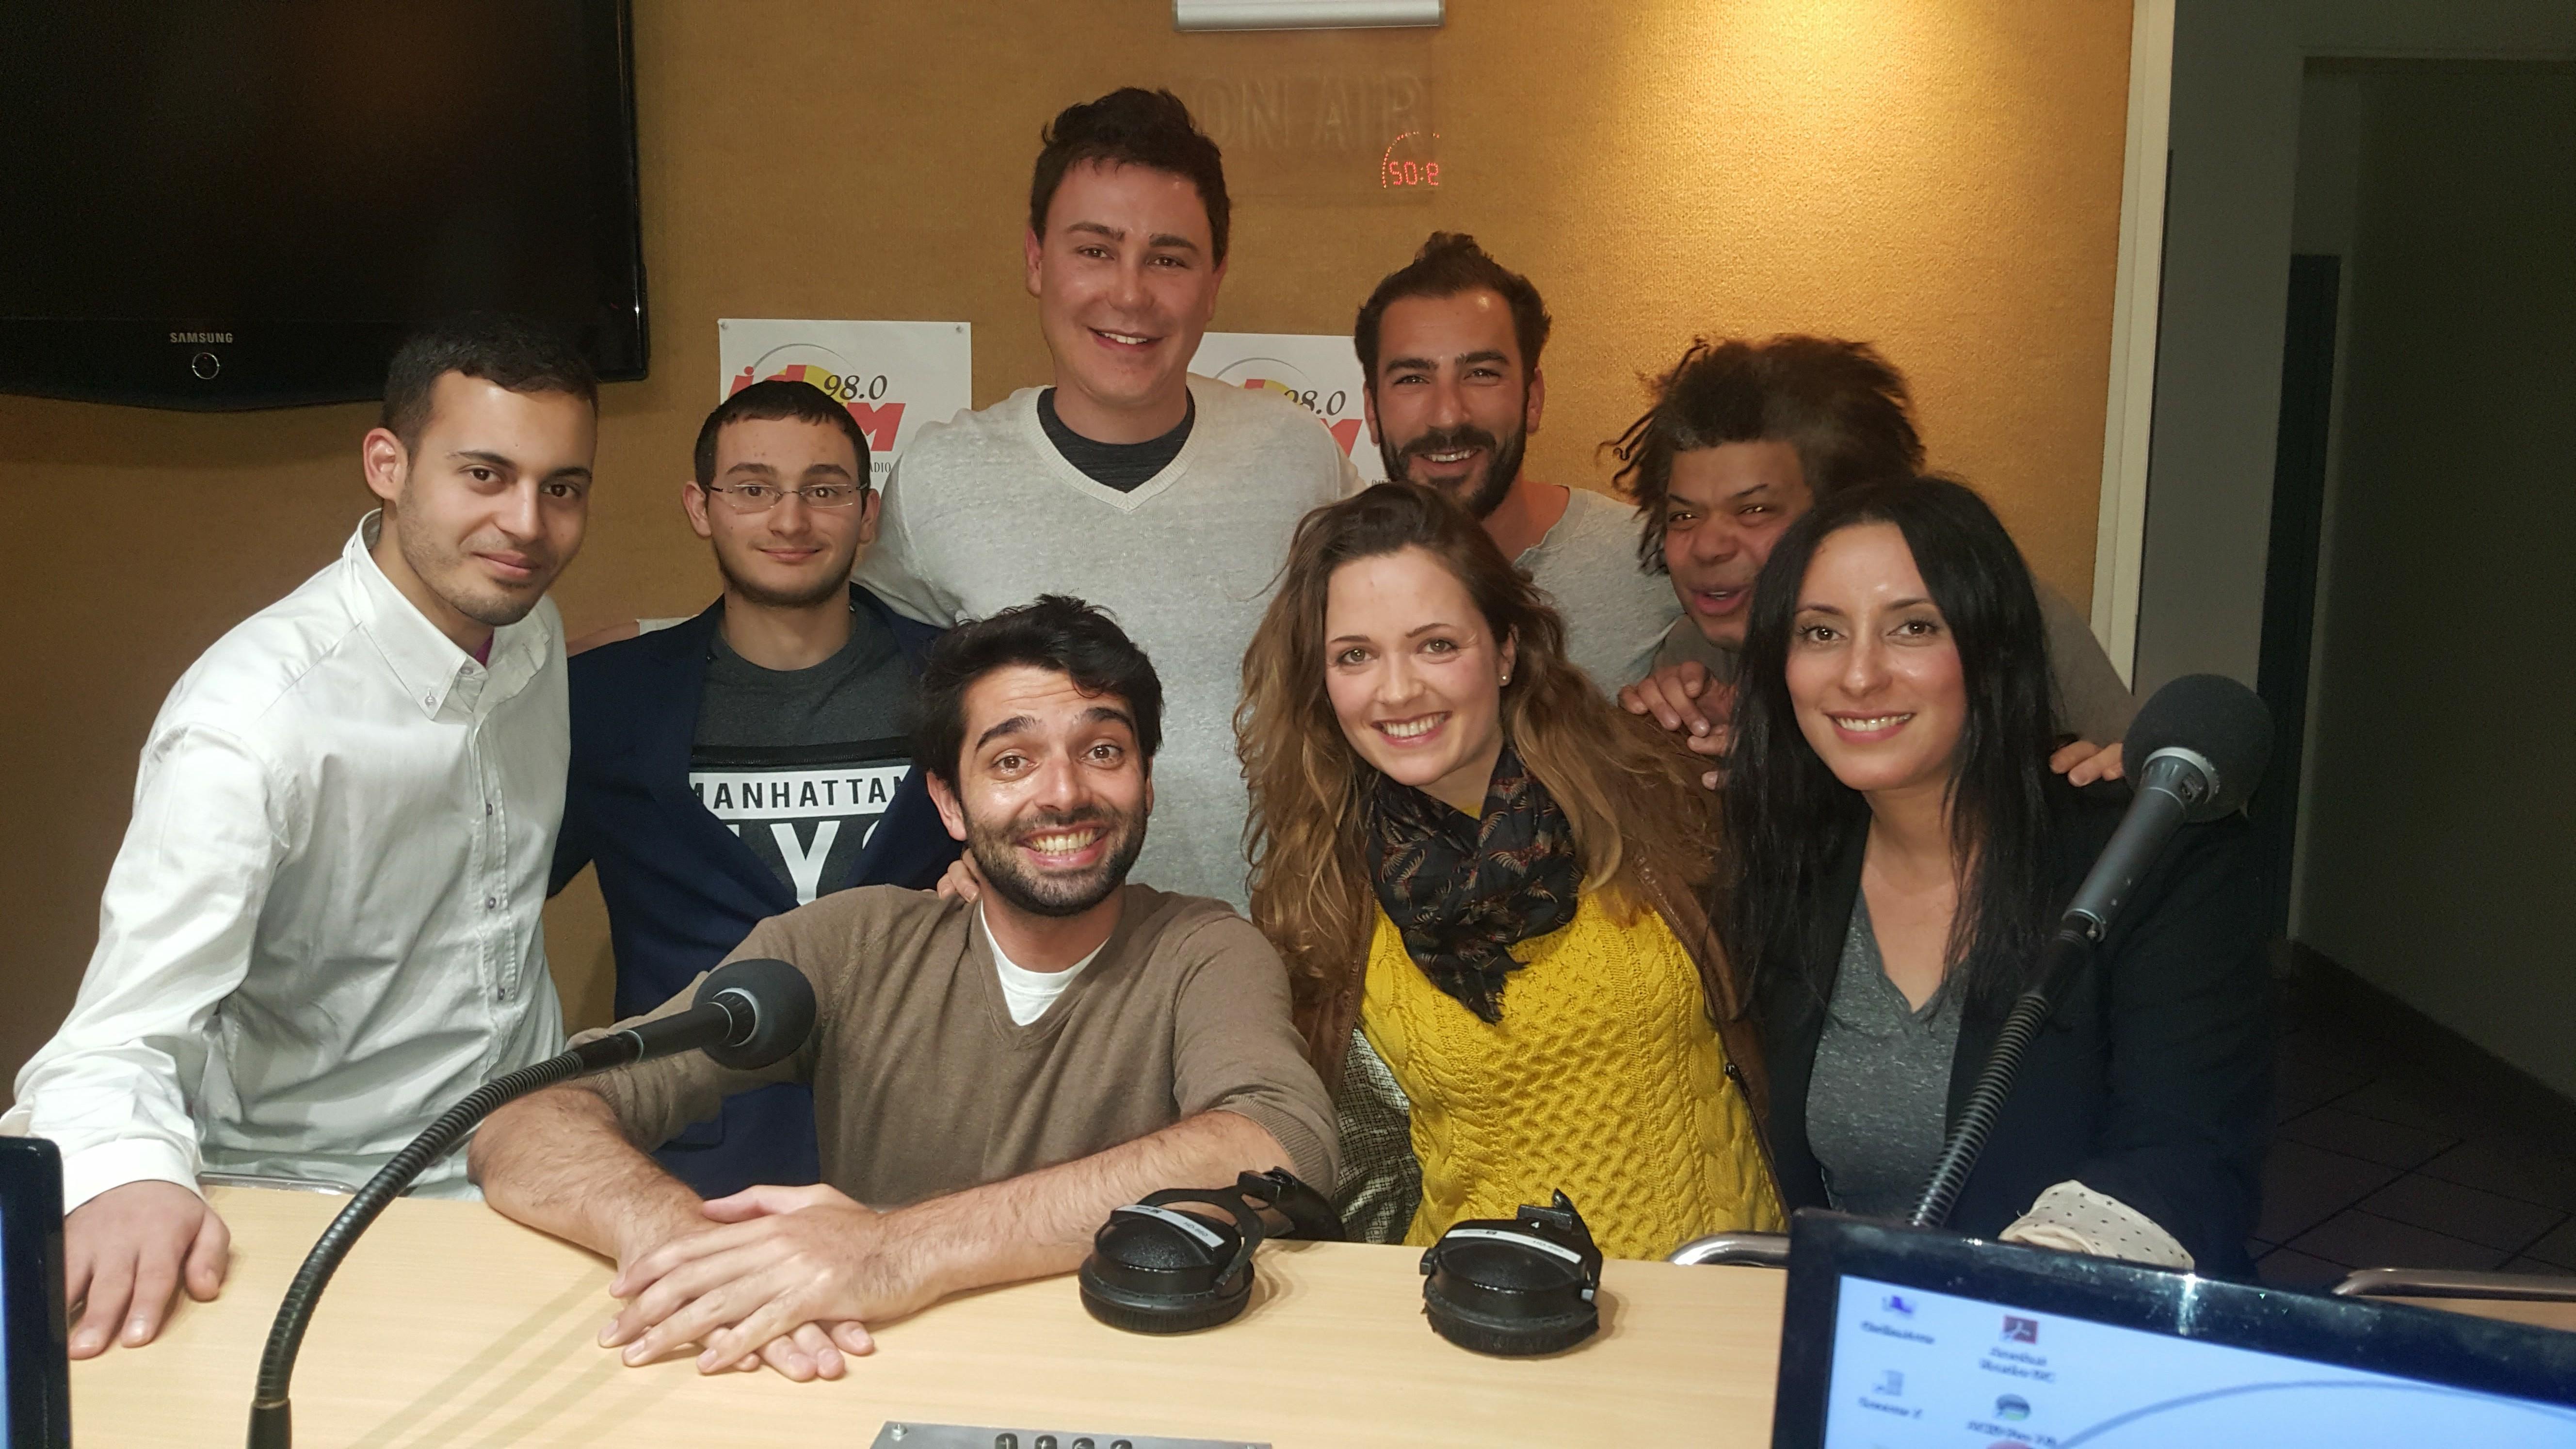 L'équipe 2017 s'agrandit avec Ronan, Sabrina et Lauriane (en bas)